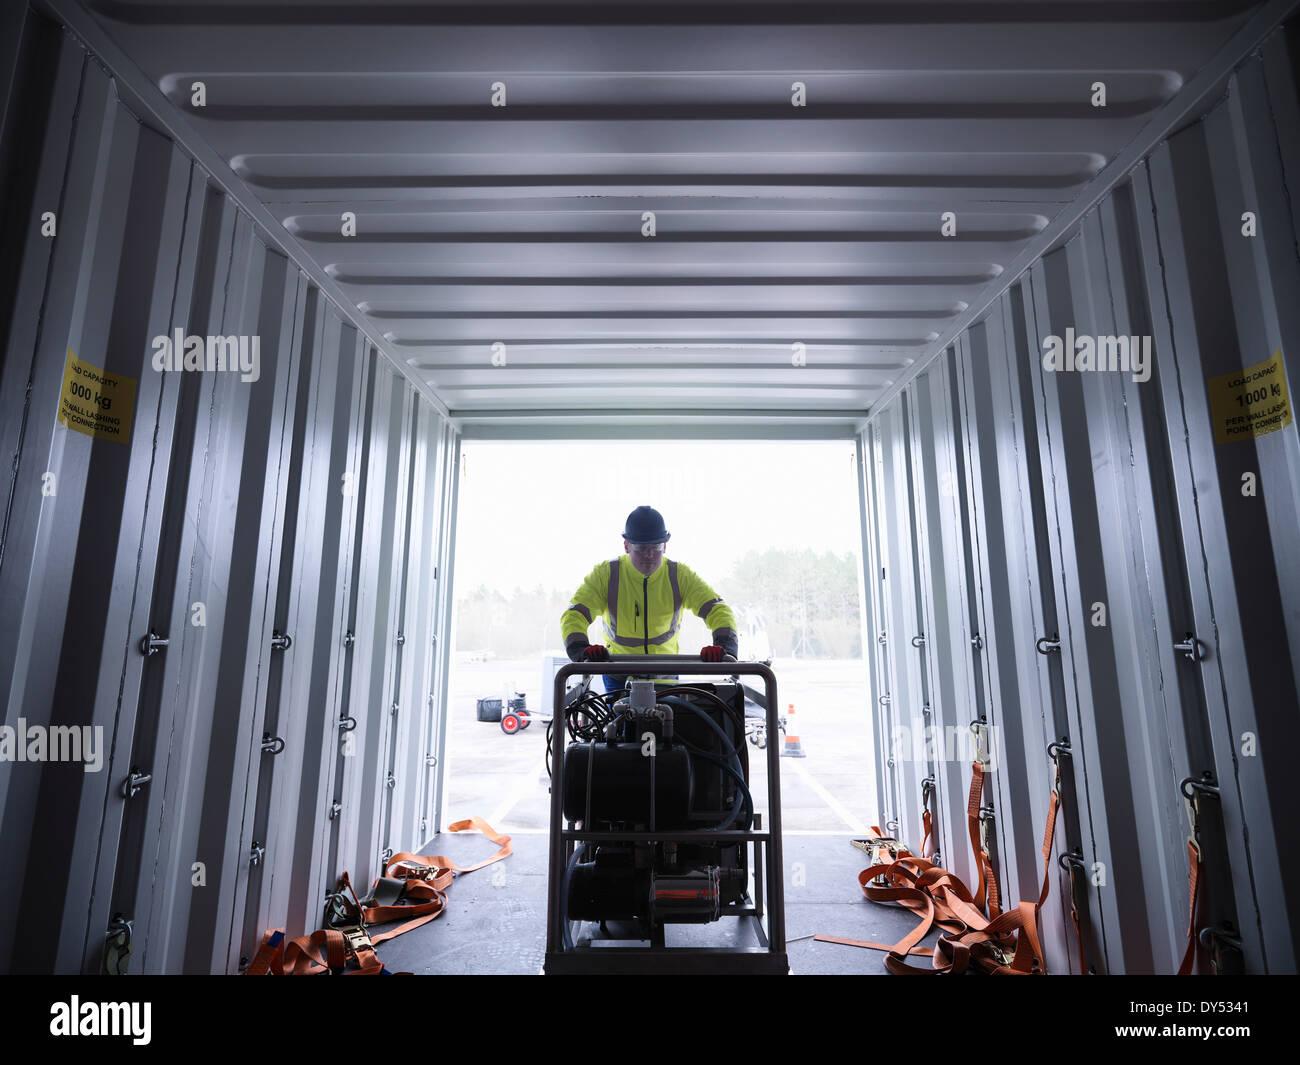 Il team di risposta alle emergenze lavoratore scarica attrezzature dal contenitore di spedizione Immagini Stock